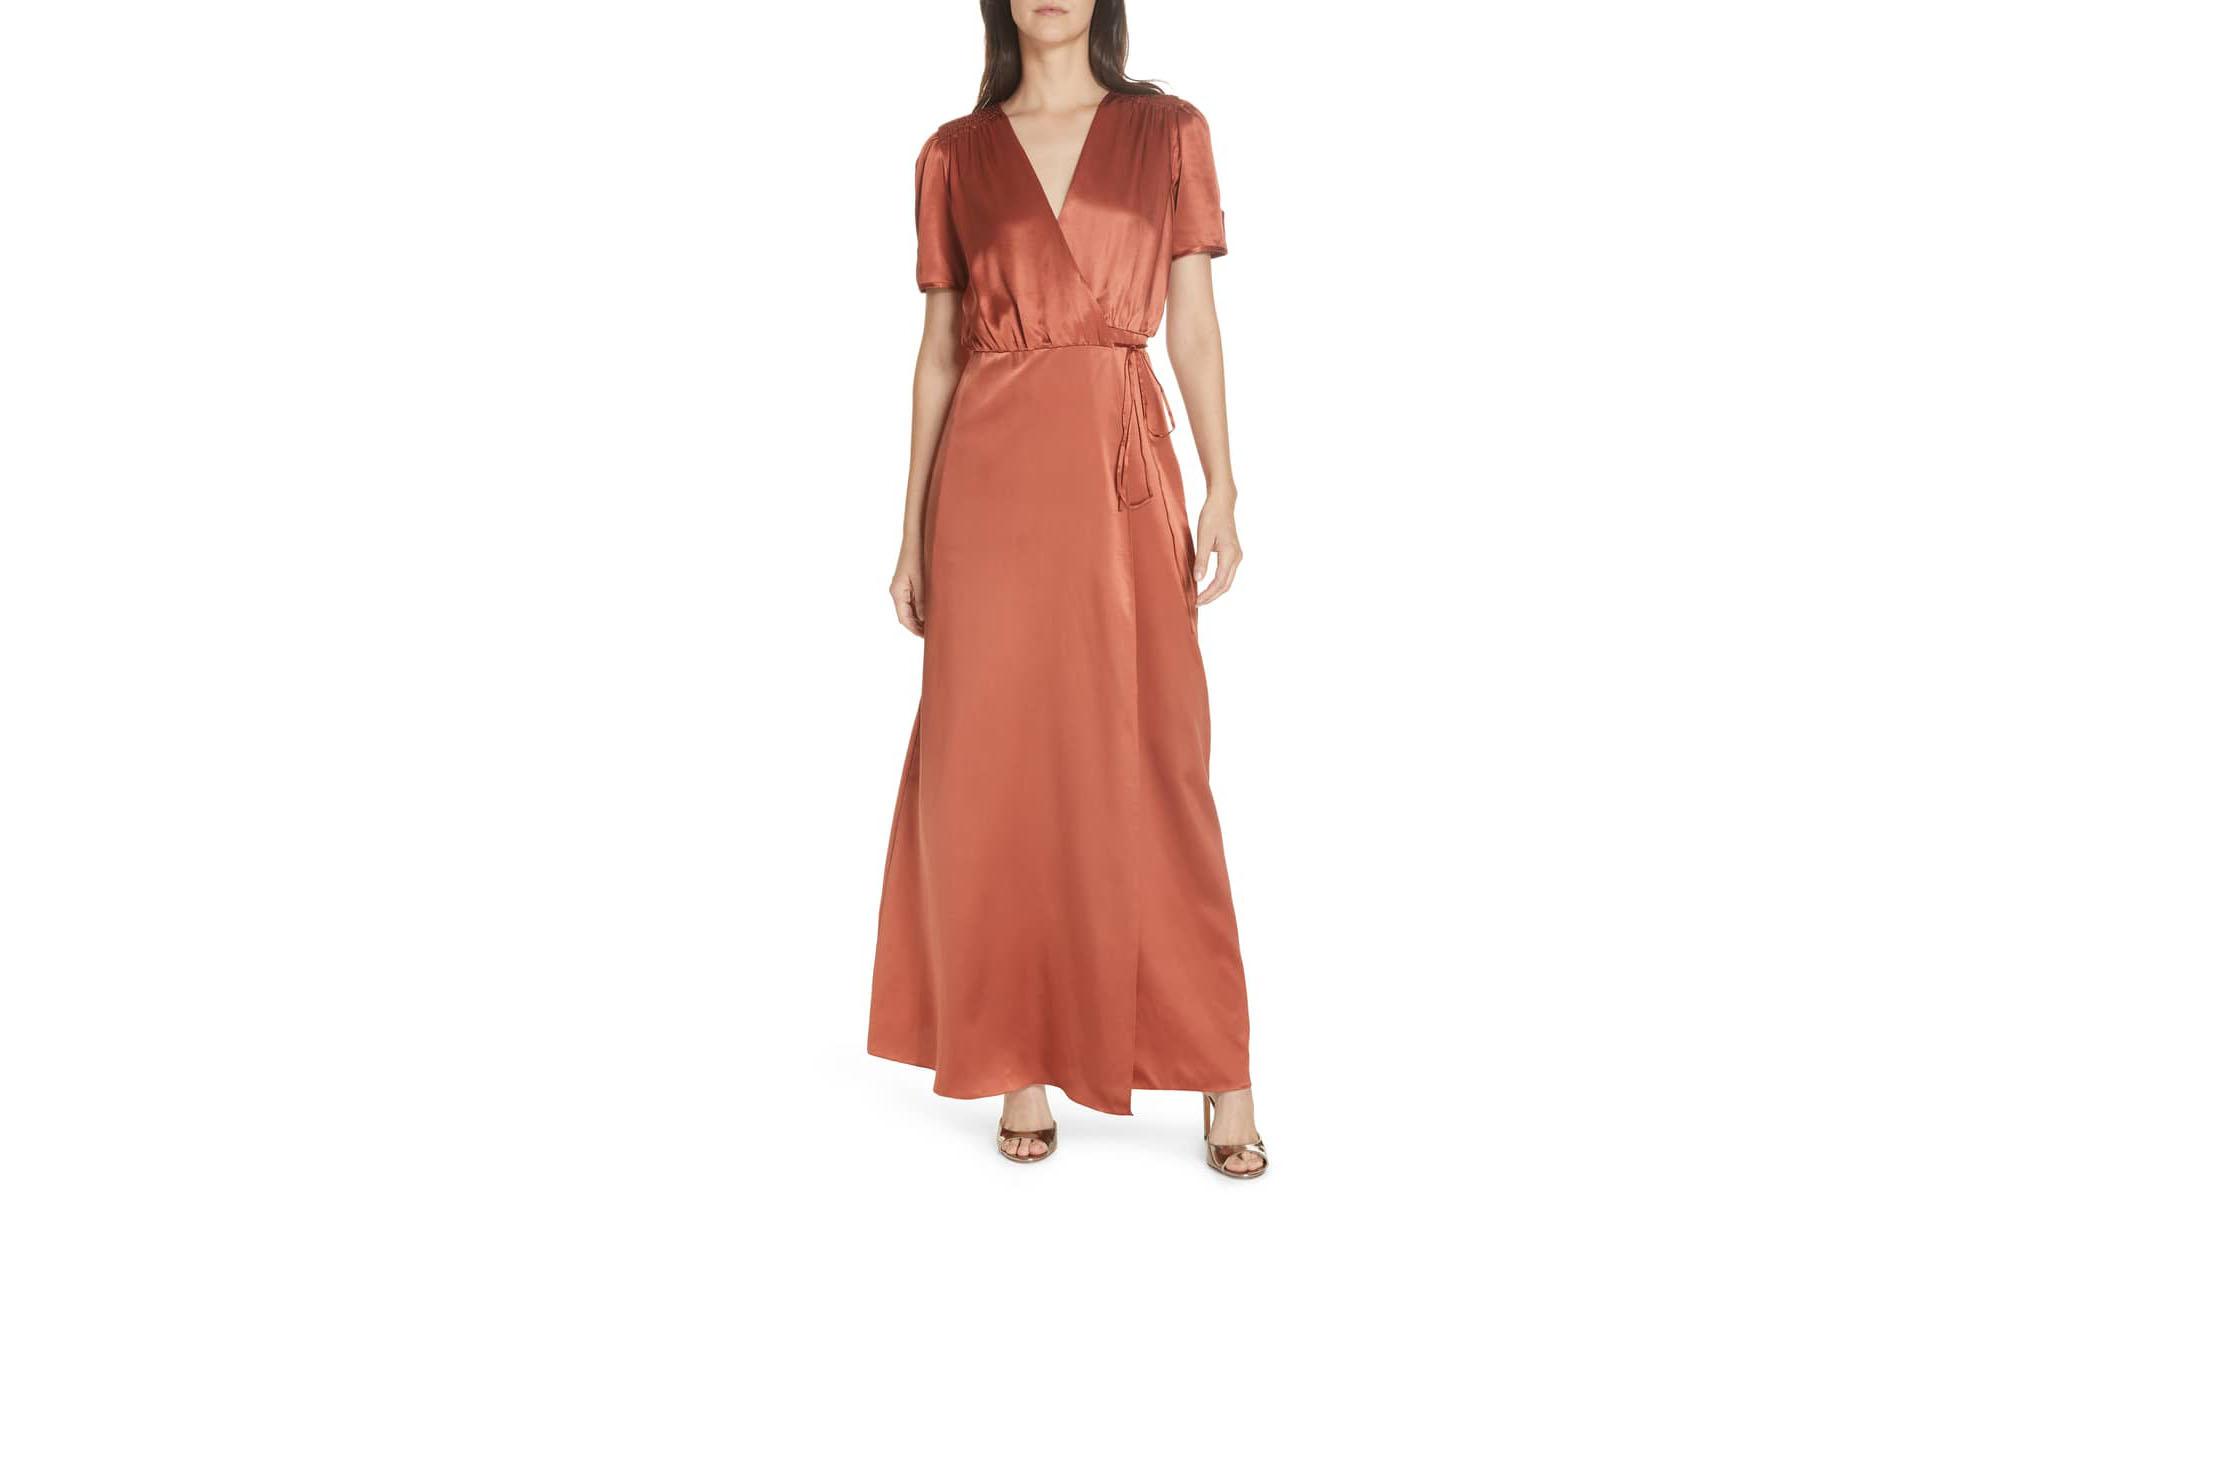 saloni lea wrap dress